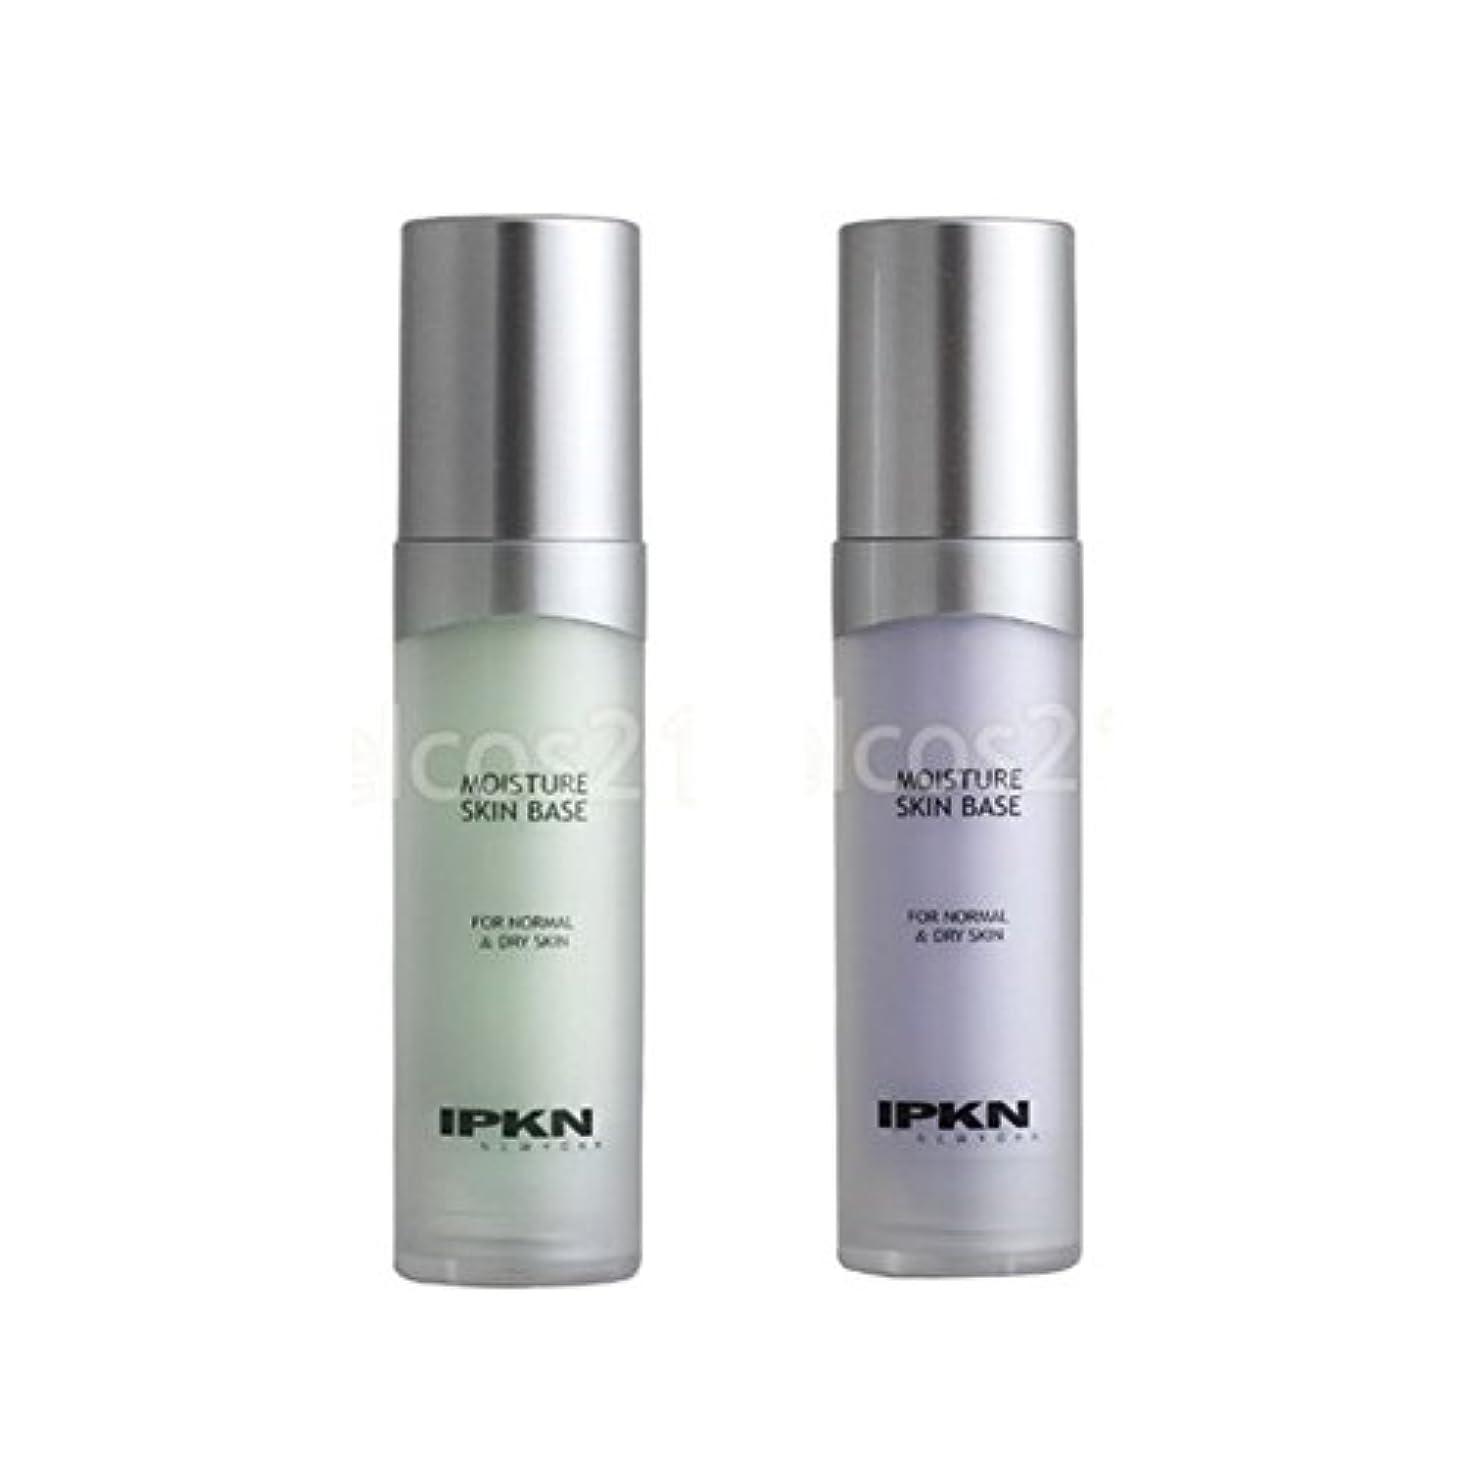 イプクン(IPKN) モイスチャースキンベース35ml x 2本セット2カラー(グリーン、ファイティパープル) IPKN Moisture Skin Base 35ml x 2ea Set 2 Colors(Green、...